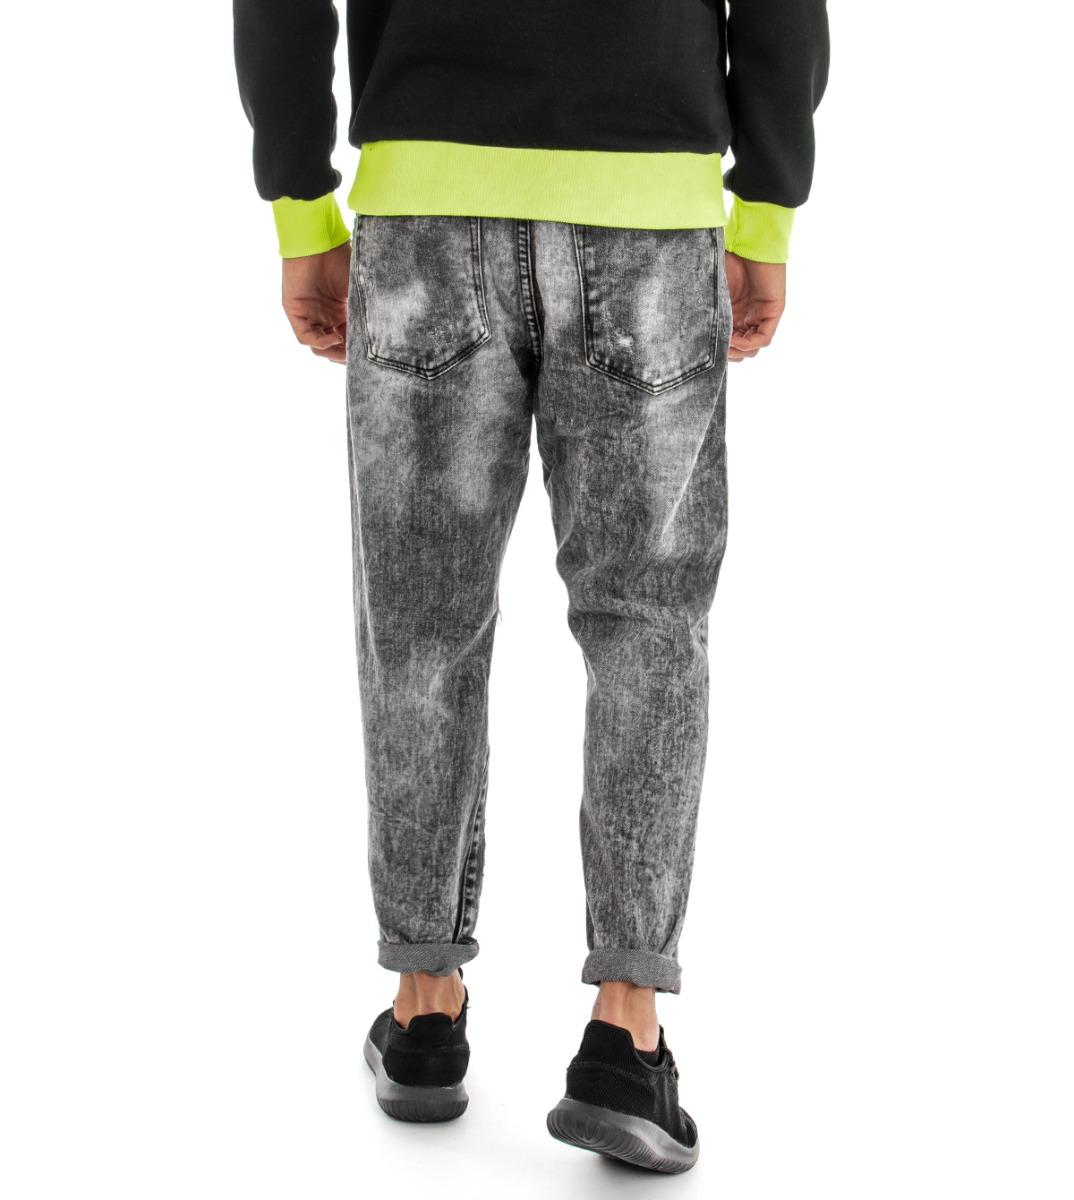 Pantalone-Uomo-Jeans-Grigio-Cinque-Tasche-Rotture-Cavallo-Basso-Strappato-Reg miniatura 7